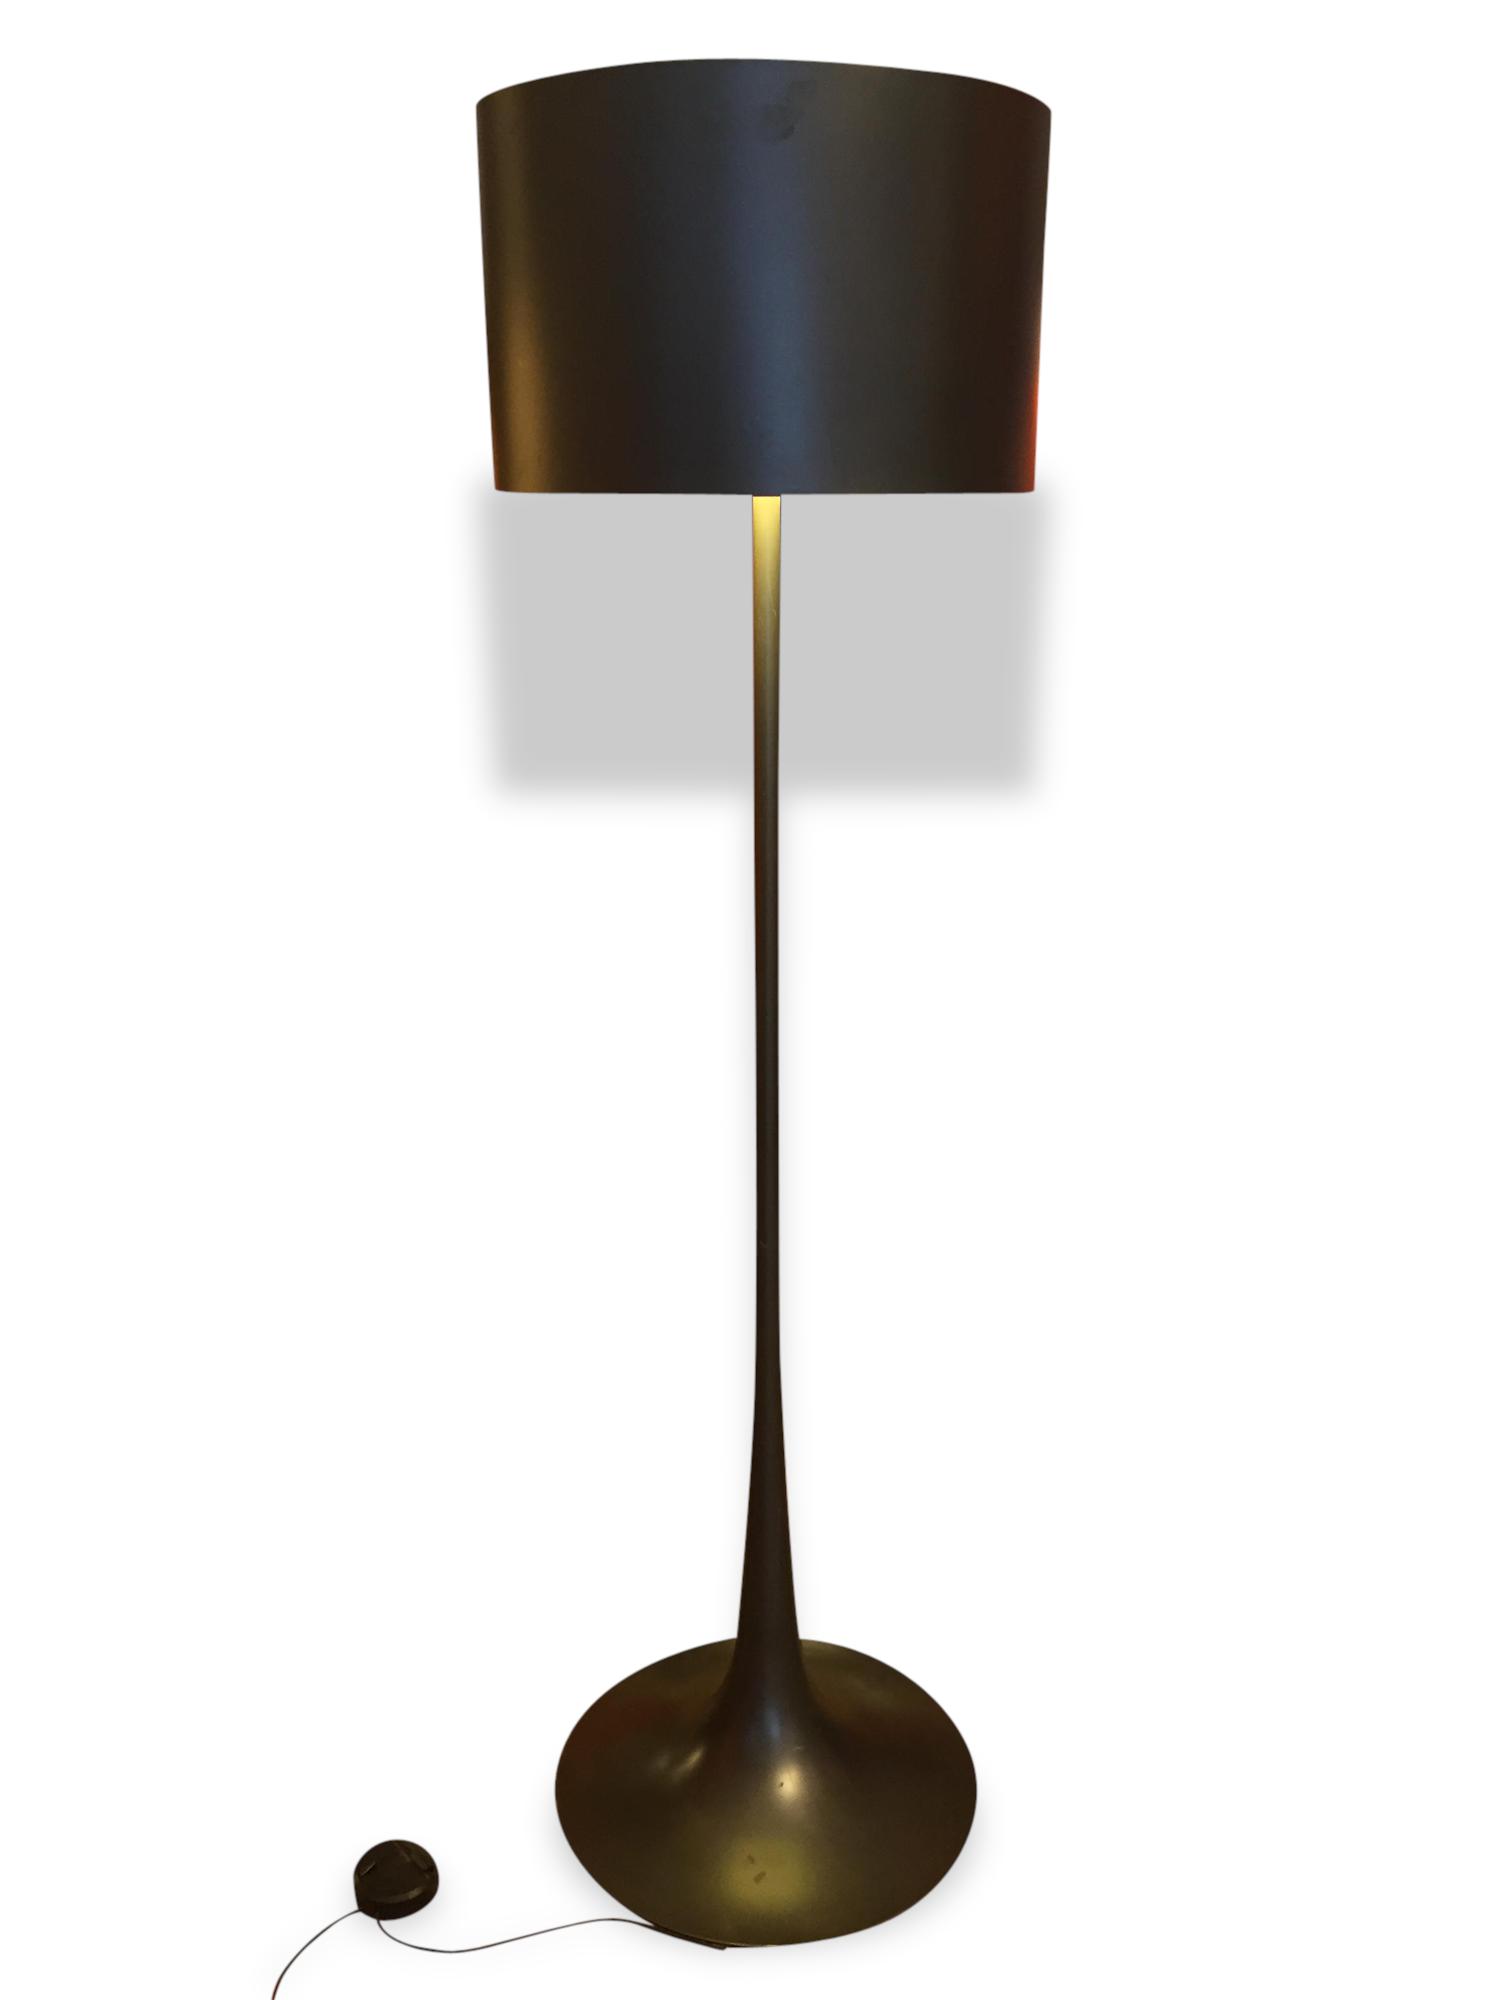 Lampadaire flos - italy